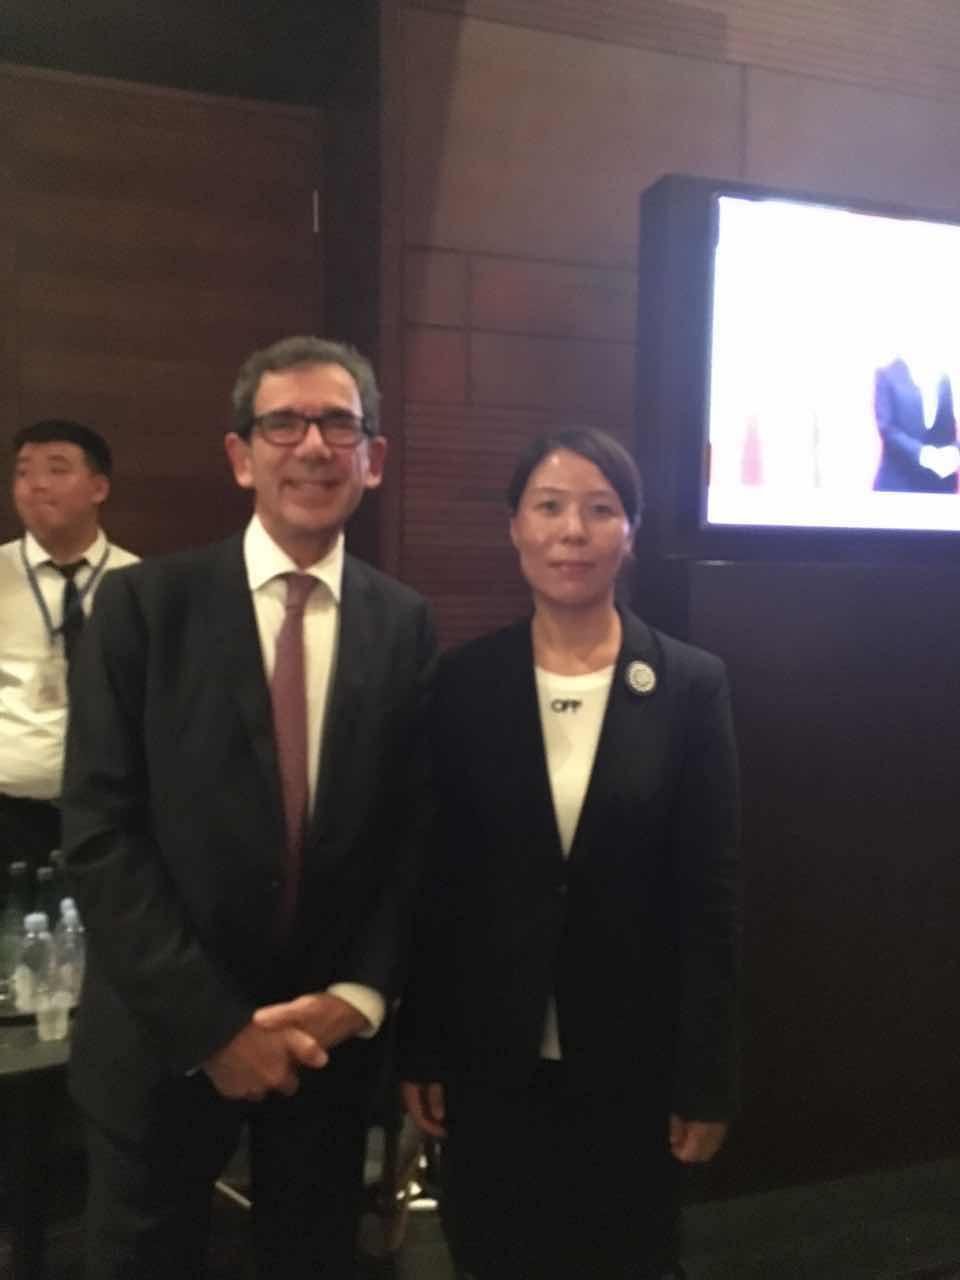 法国驻华大使黎想阁下与组委会秘书长崔江红女士